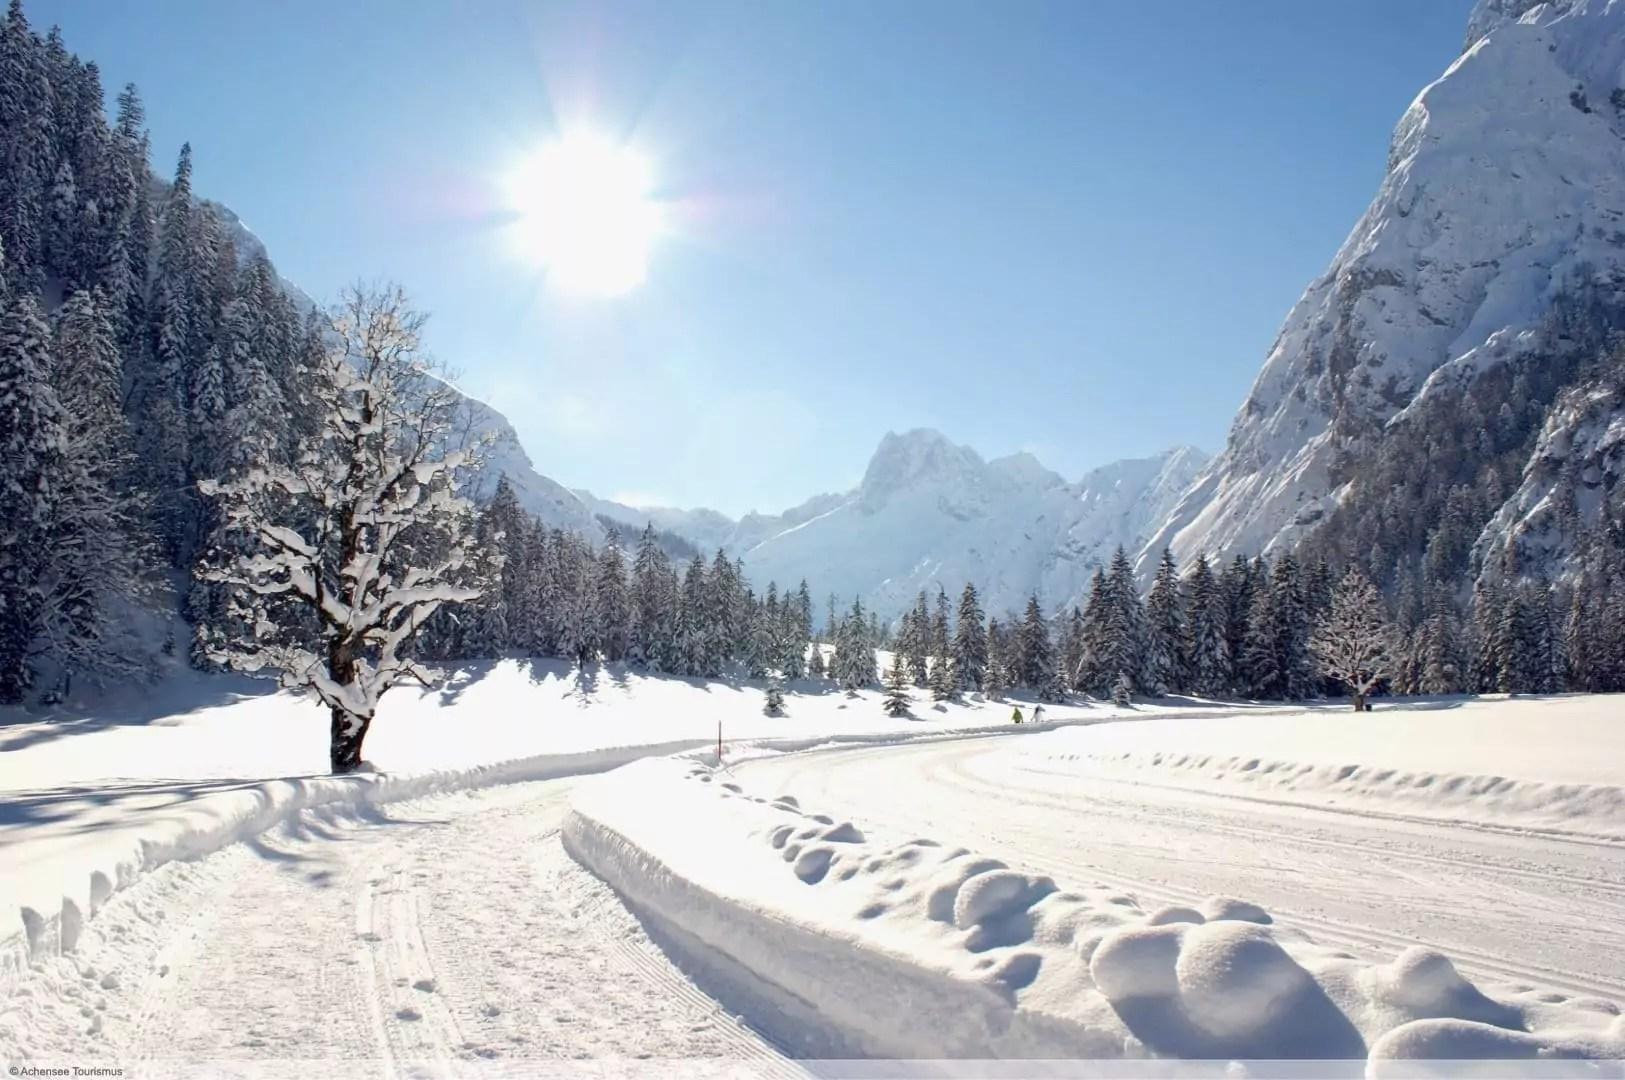 après-ski in Pertisau